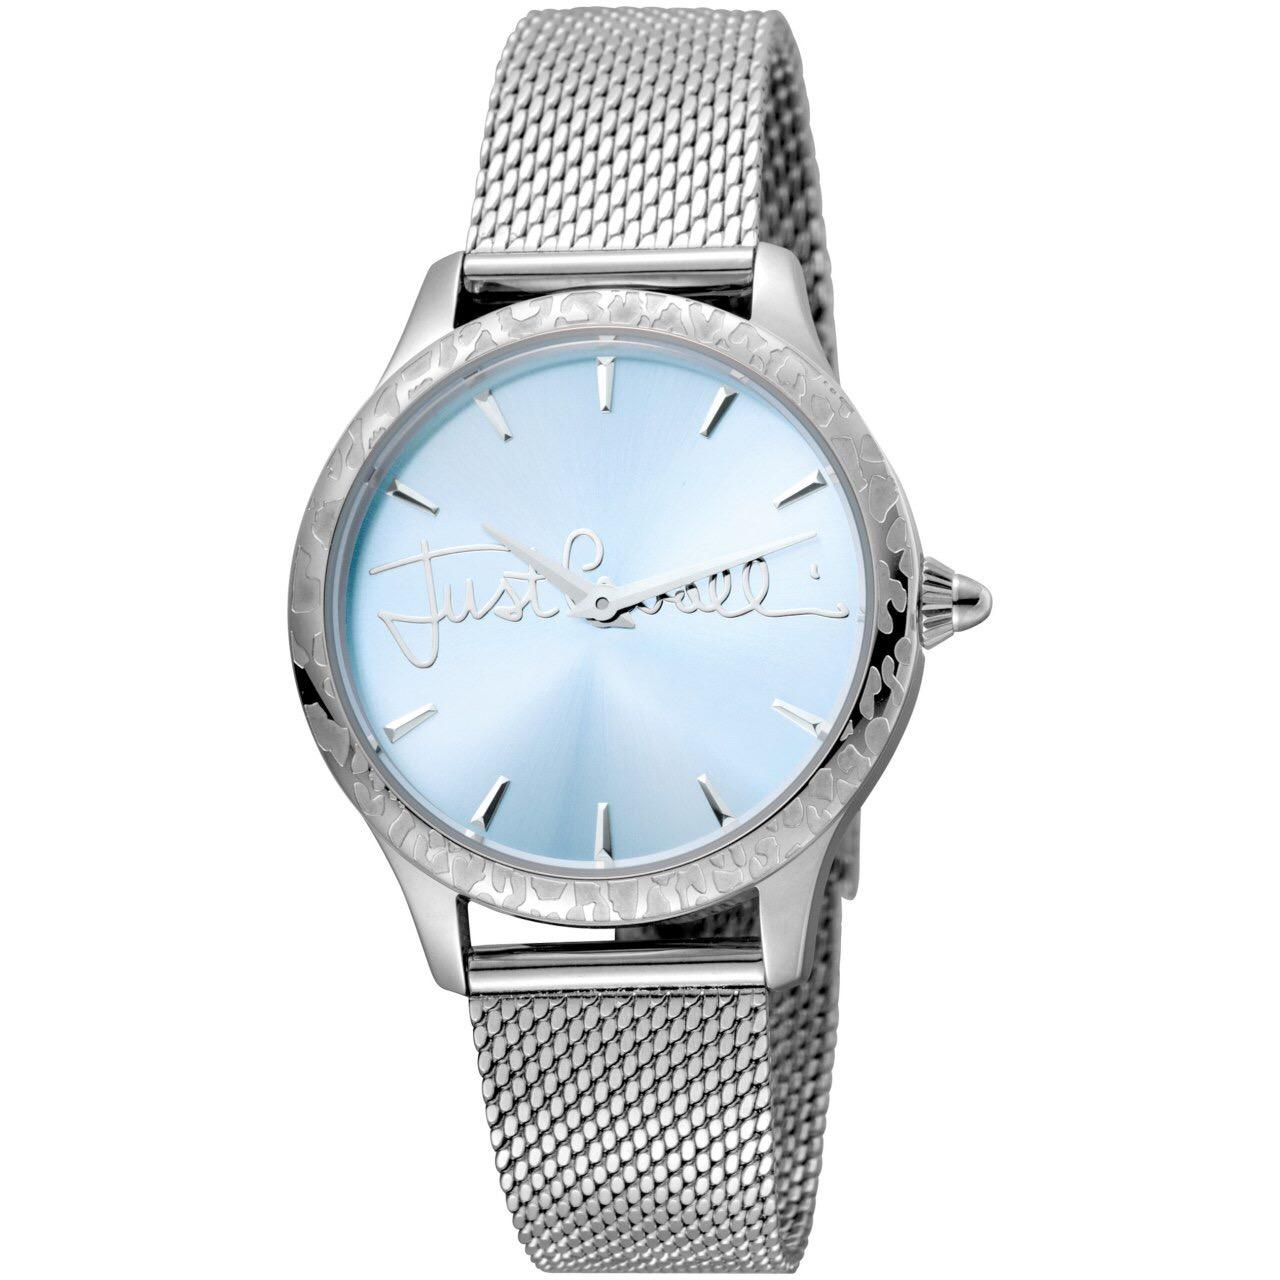 خرید ساعت مچی عقربه ای زنانه جاست کاوالی مدل JC1L023M0085